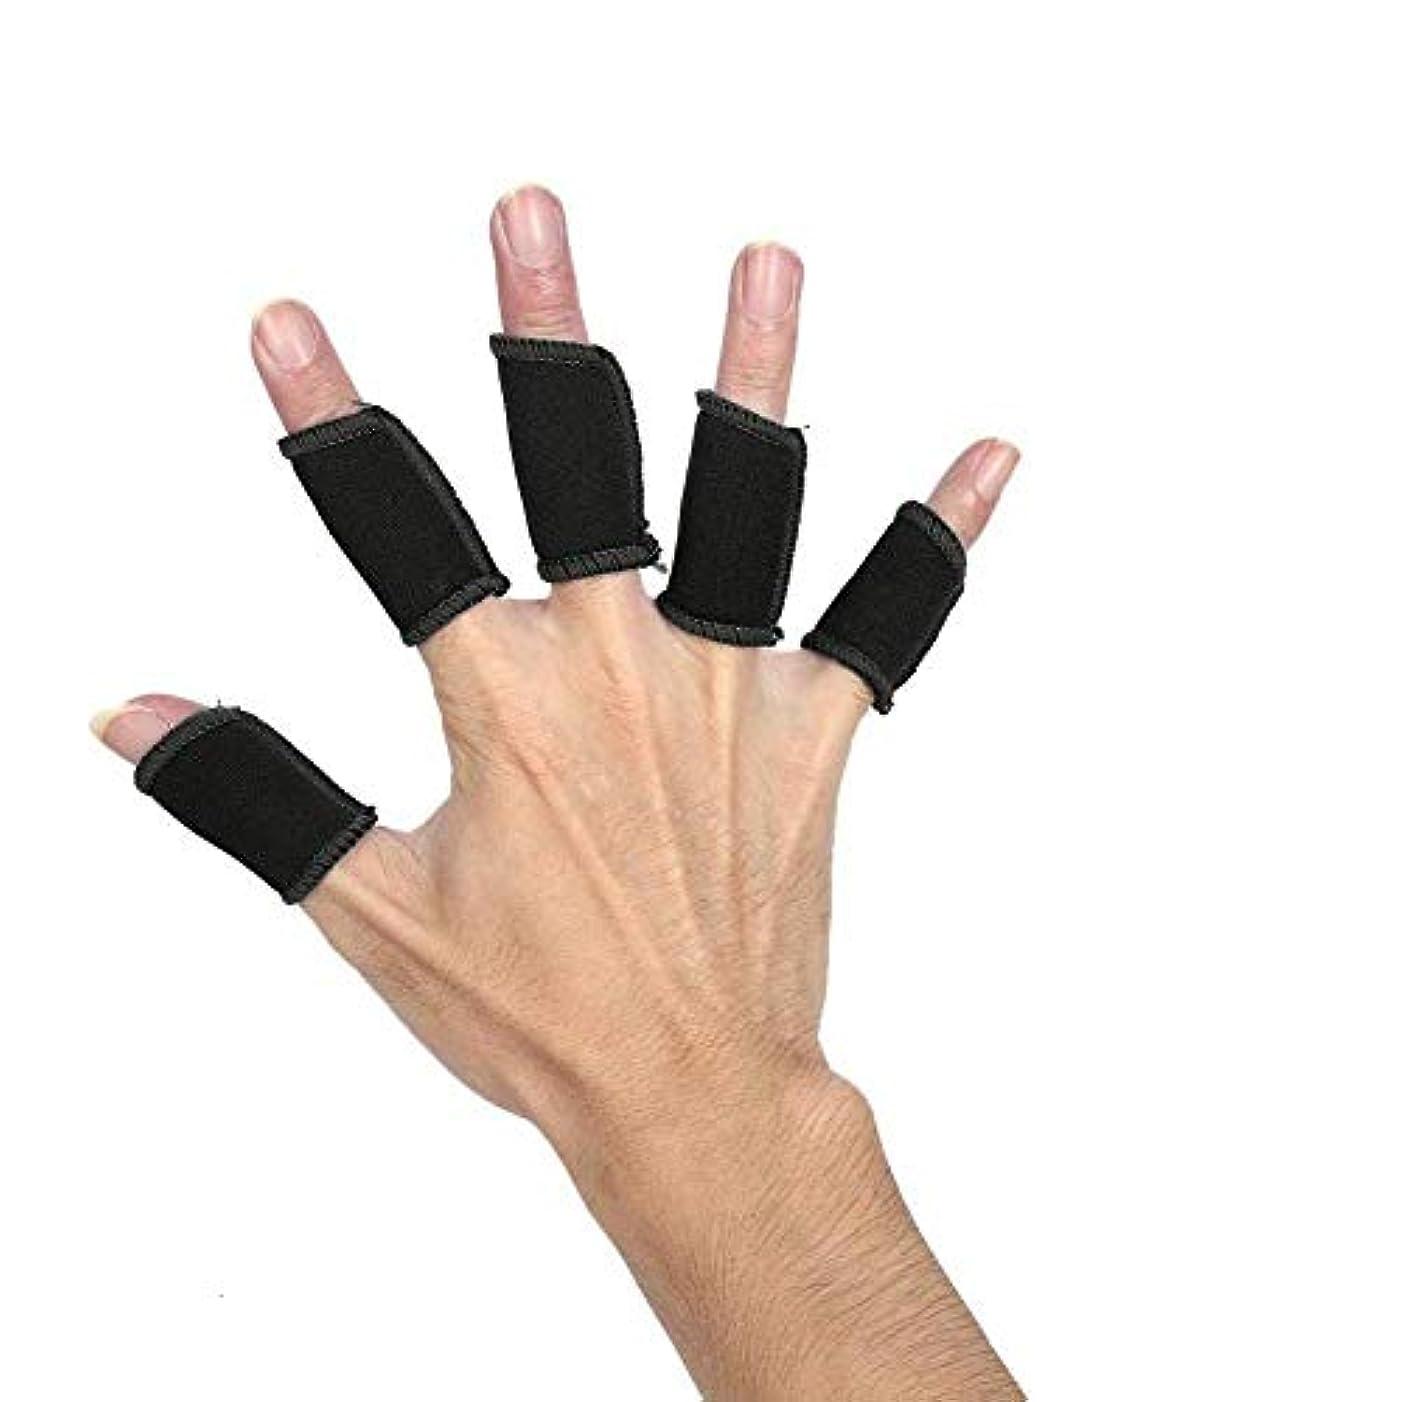 奴隷クラッシュ眠り指の損傷のサポート、指のプロテクター5個のサポートスポーツの指のサポートスプリントプロテクター親指のサポートプロテクター,Black